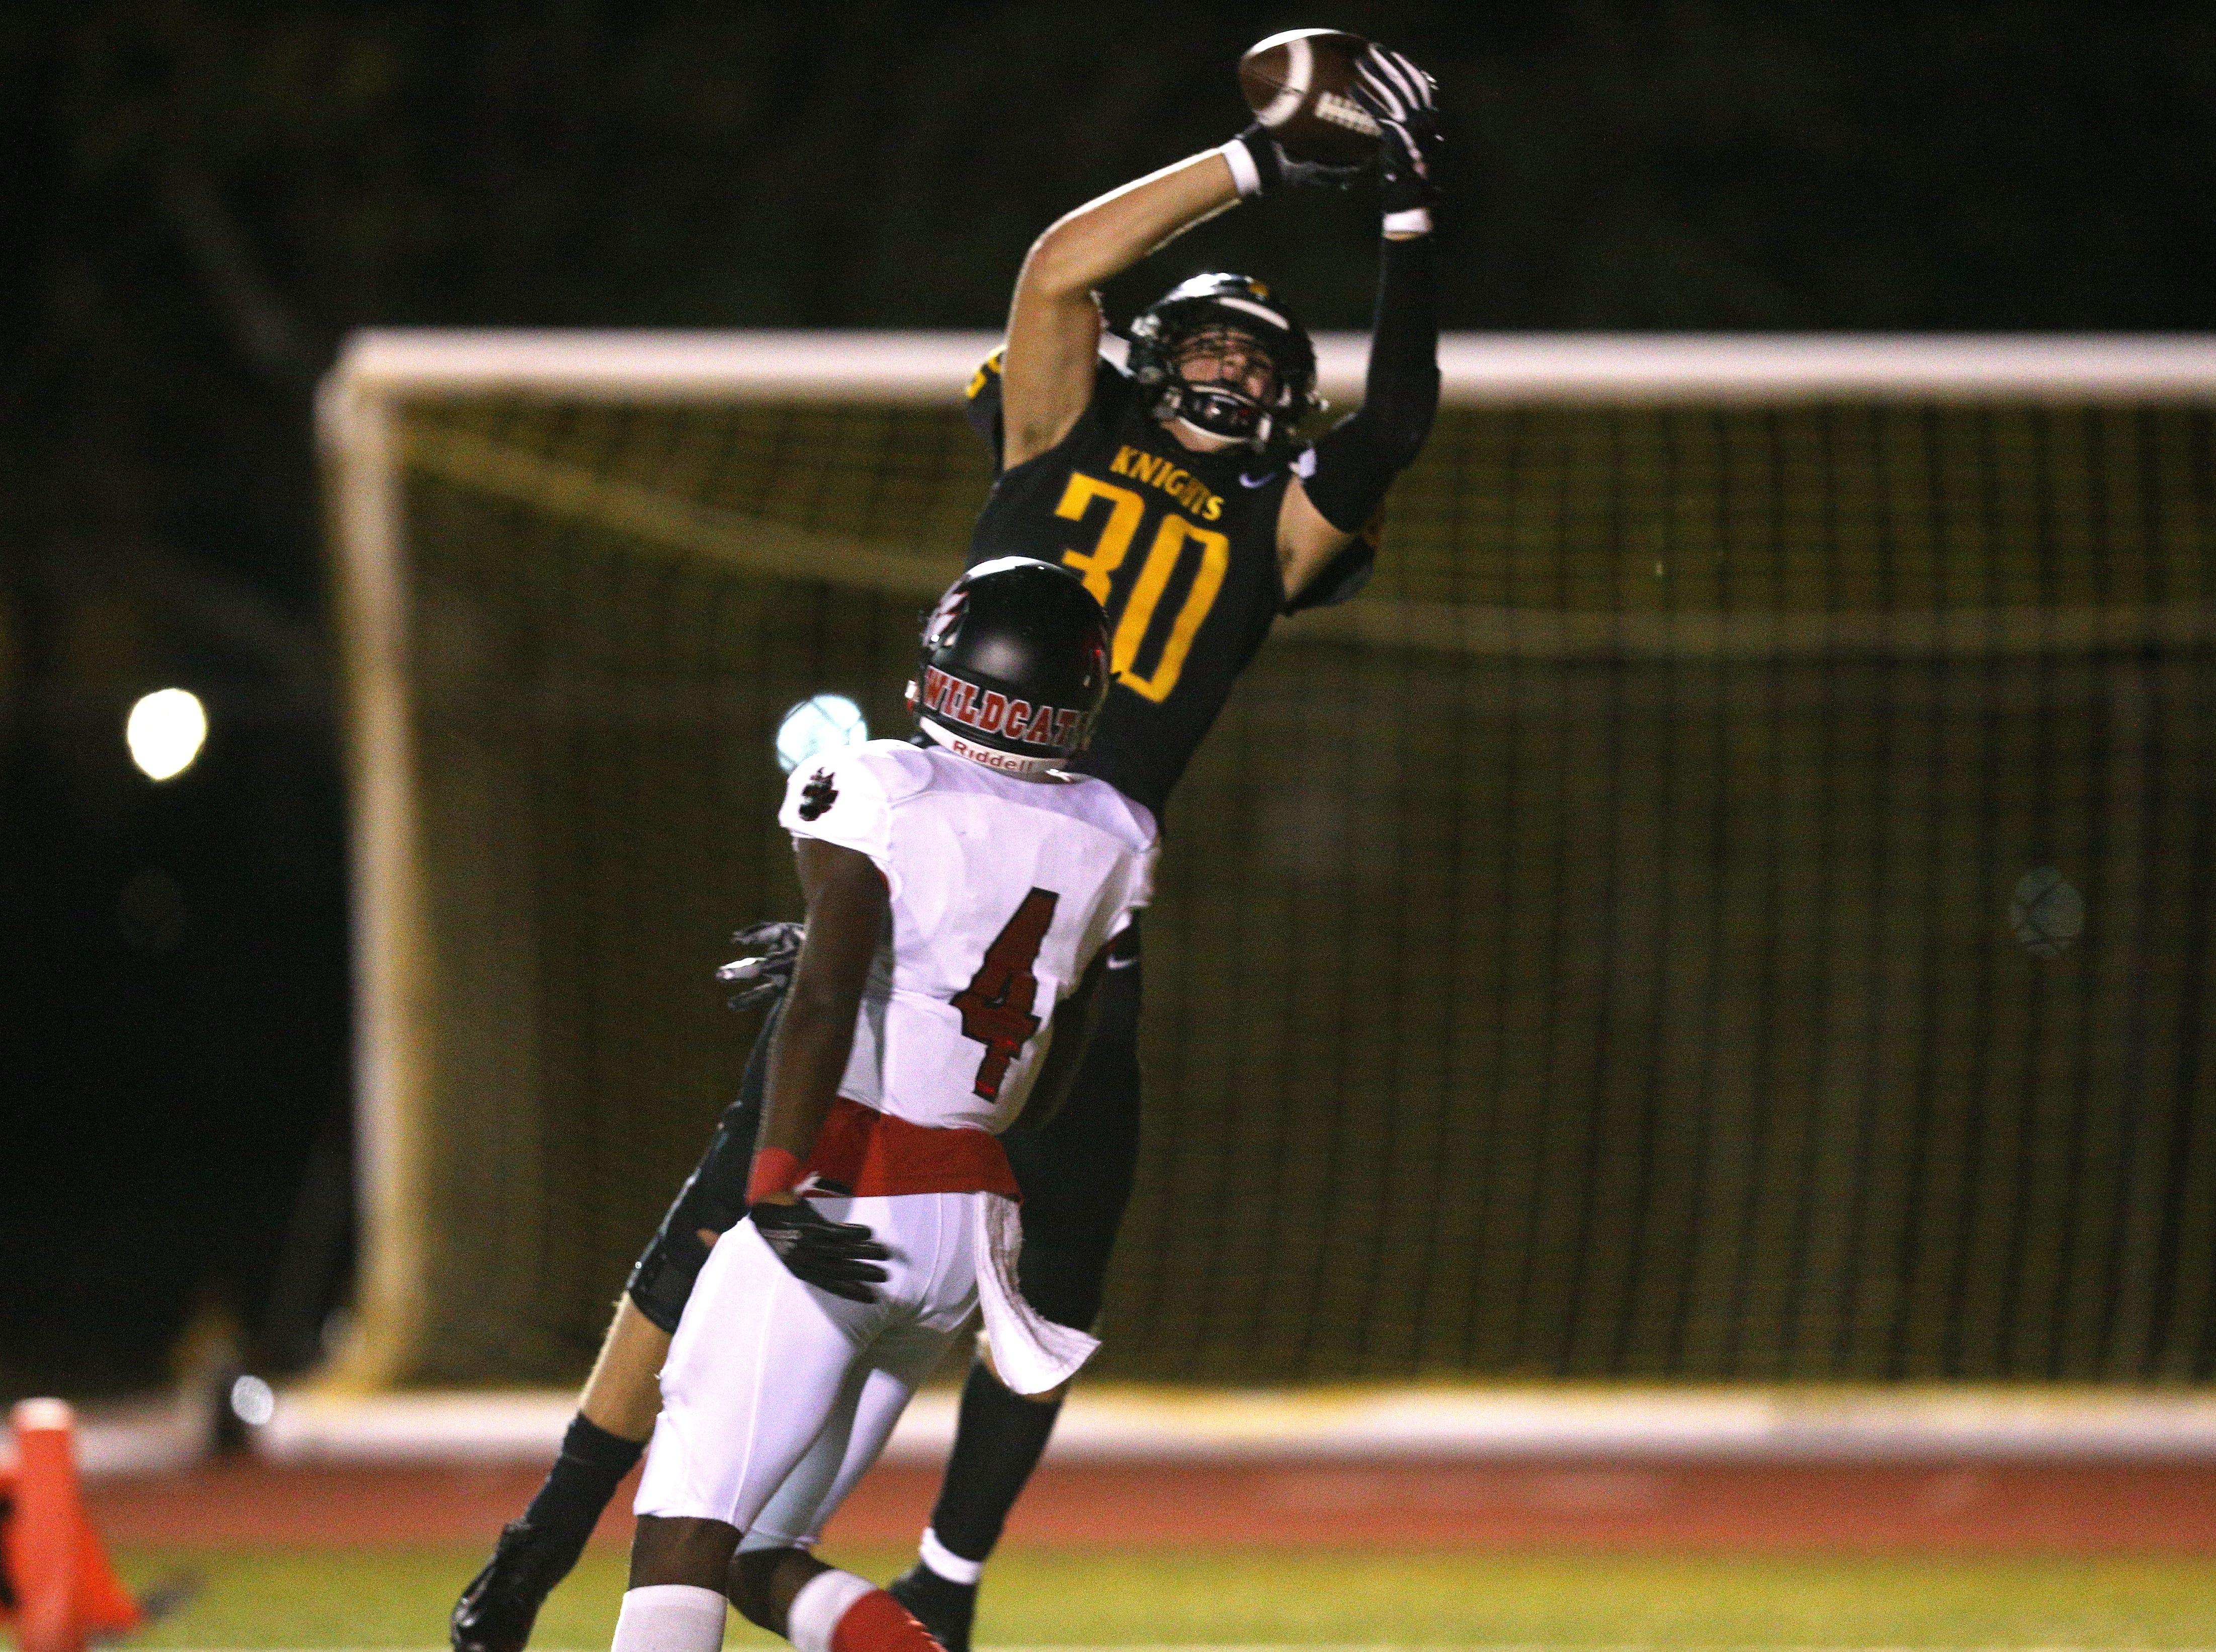 McQuaid's Connor Zamiara catch this touchdown pass against Wilson.